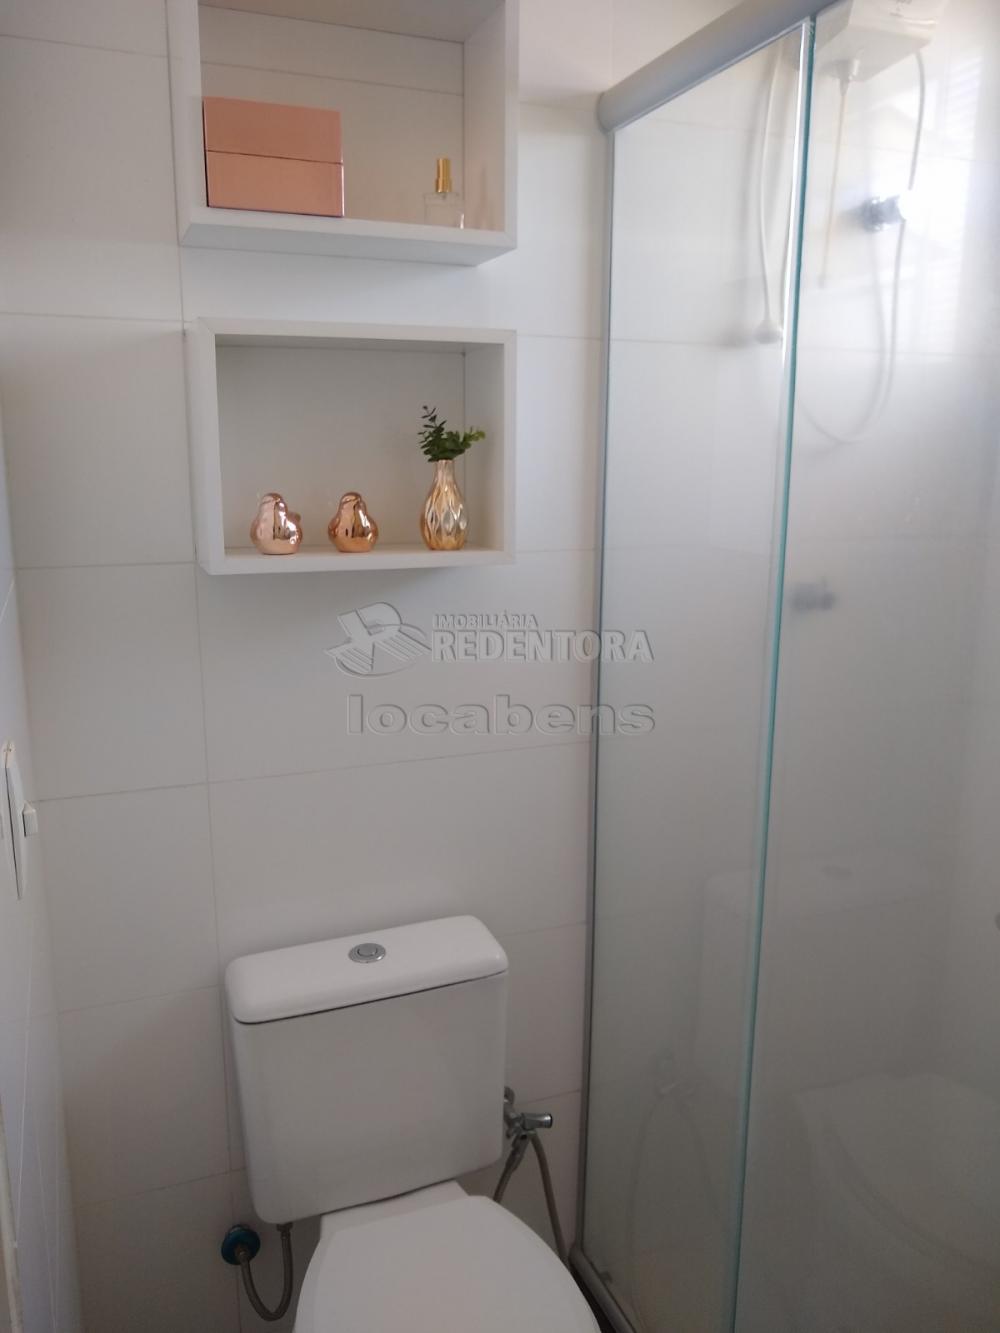 Comprar Apartamento / Padrão em São José do Rio Preto R$ 165.000,00 - Foto 29